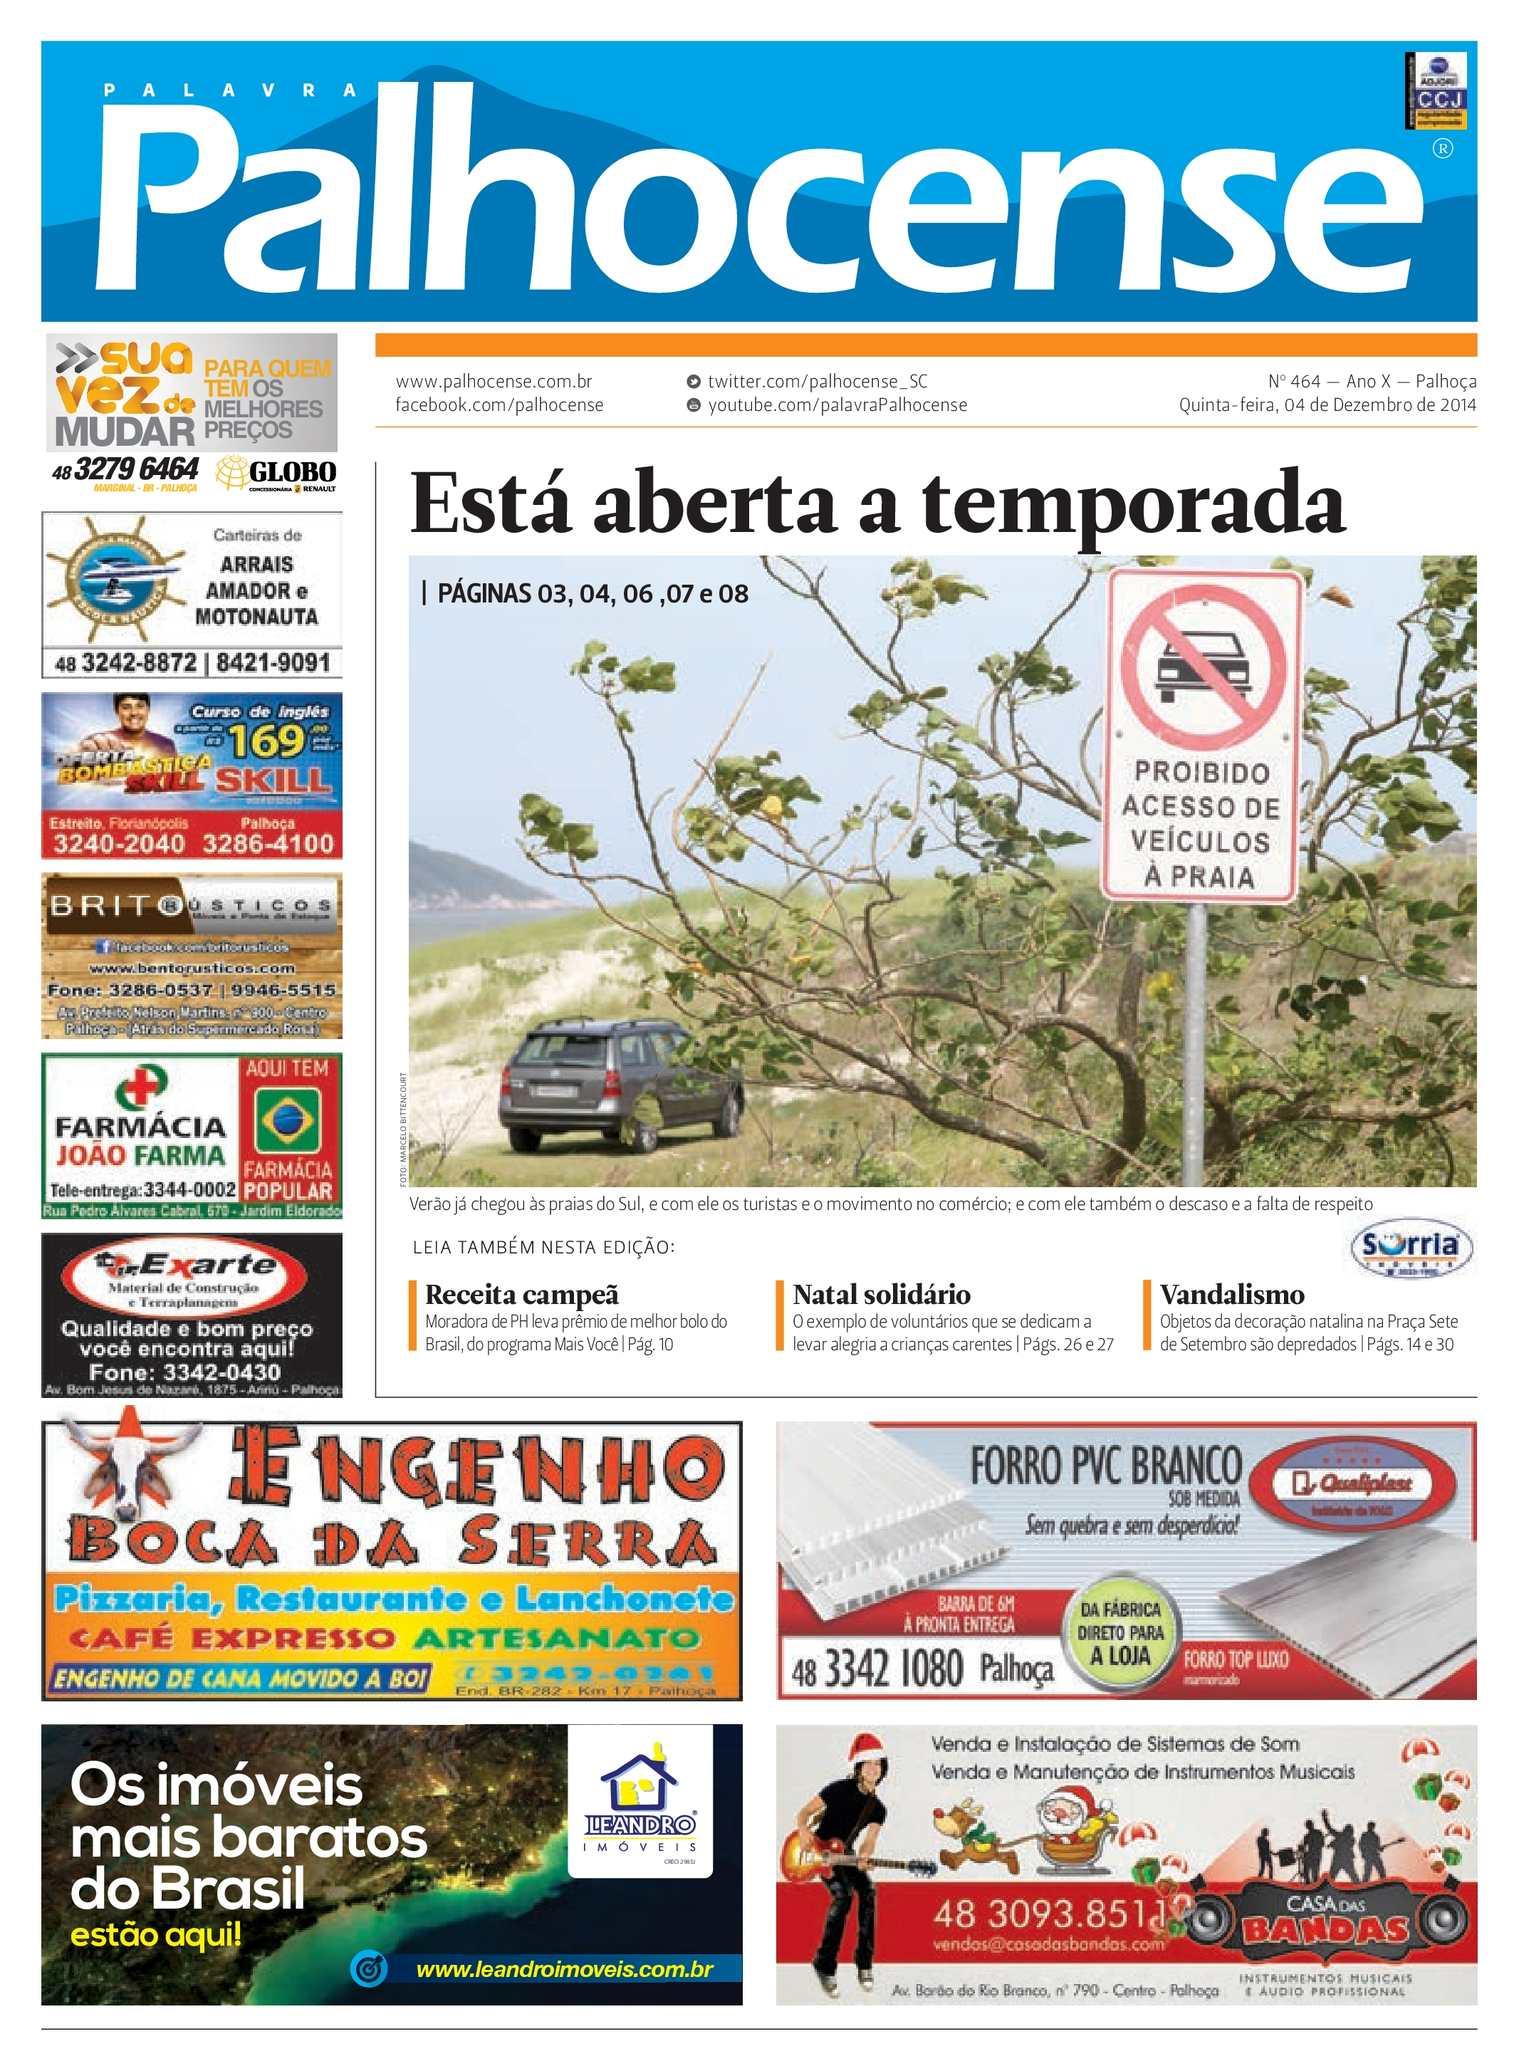 Calaméo - Jornal Palavra Palhocense - Edição 464 d582f318b3d